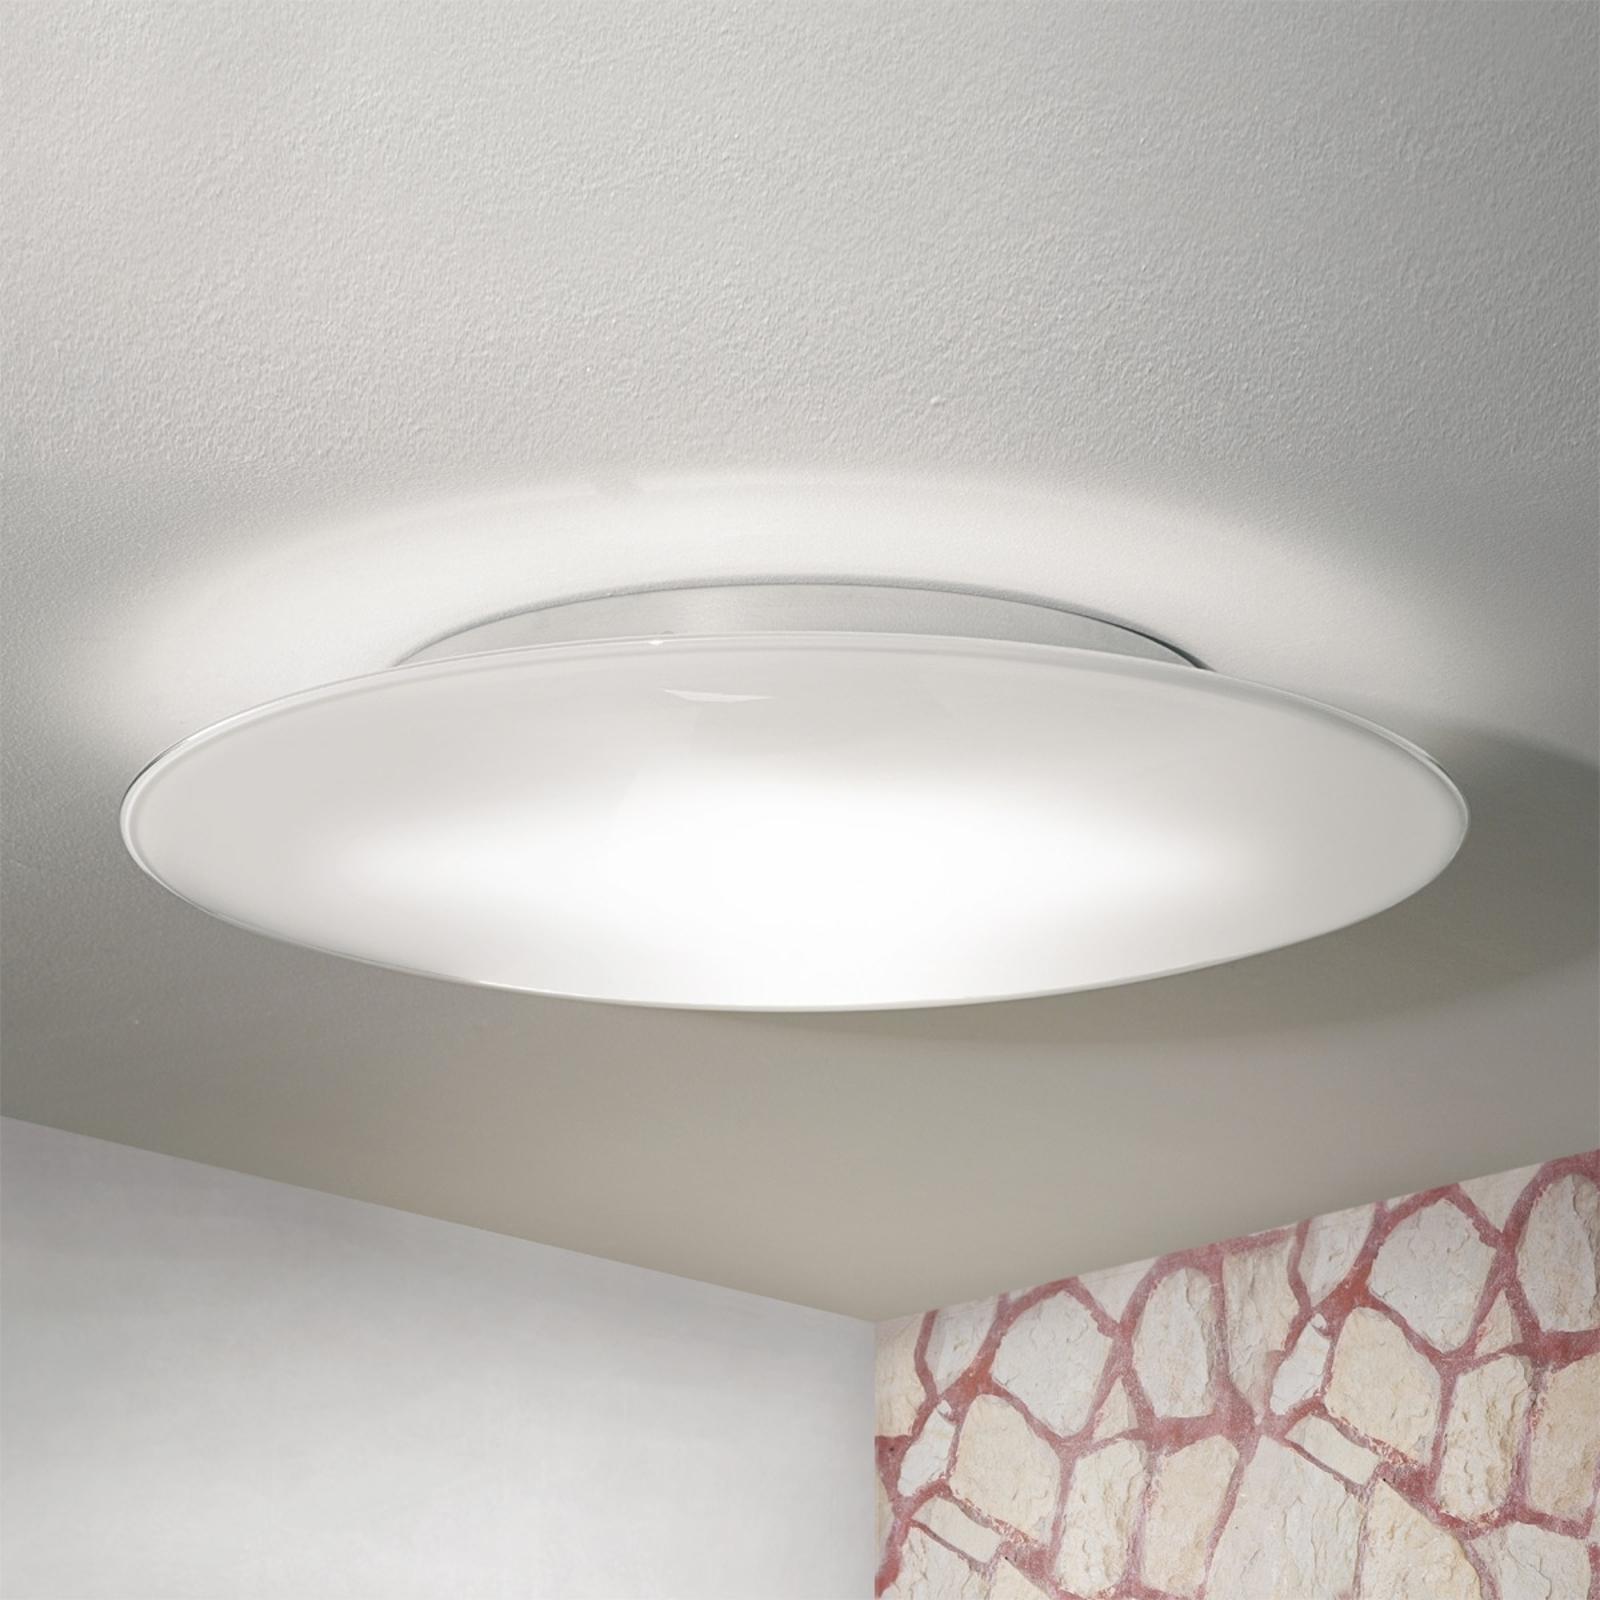 OCTOPUS lampa sufitowa z białego szkła Murano